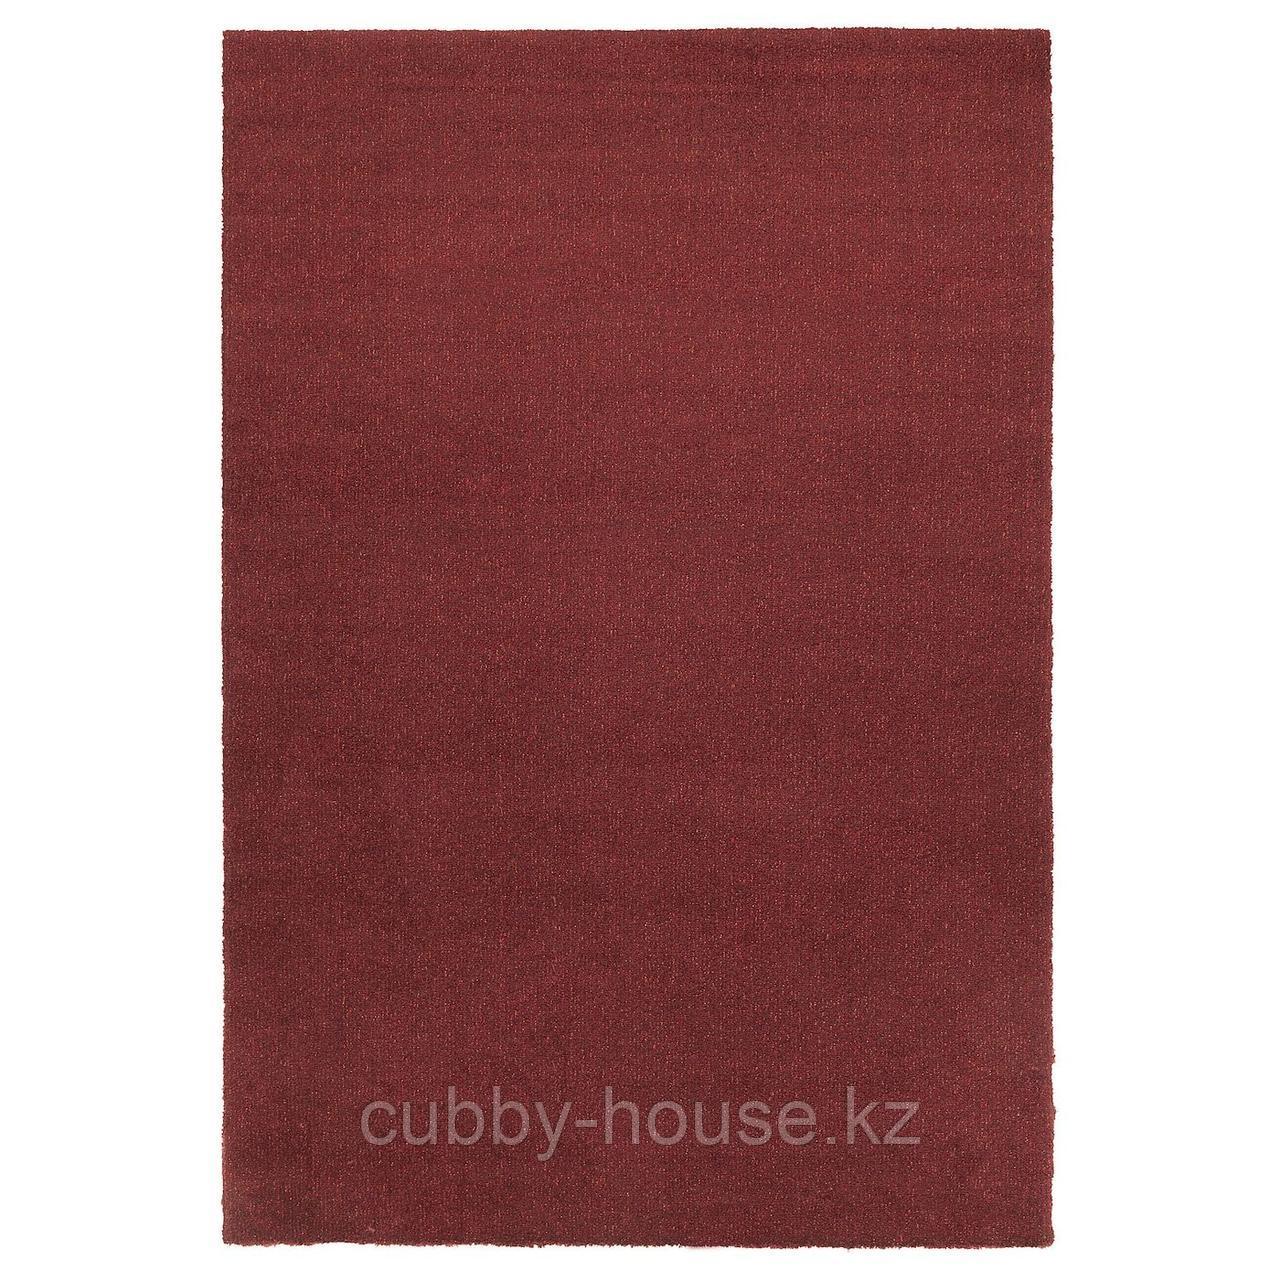 ТЮВЕЛЬСЕ Ковер, короткий ворс, темно-красный, 200x300 см